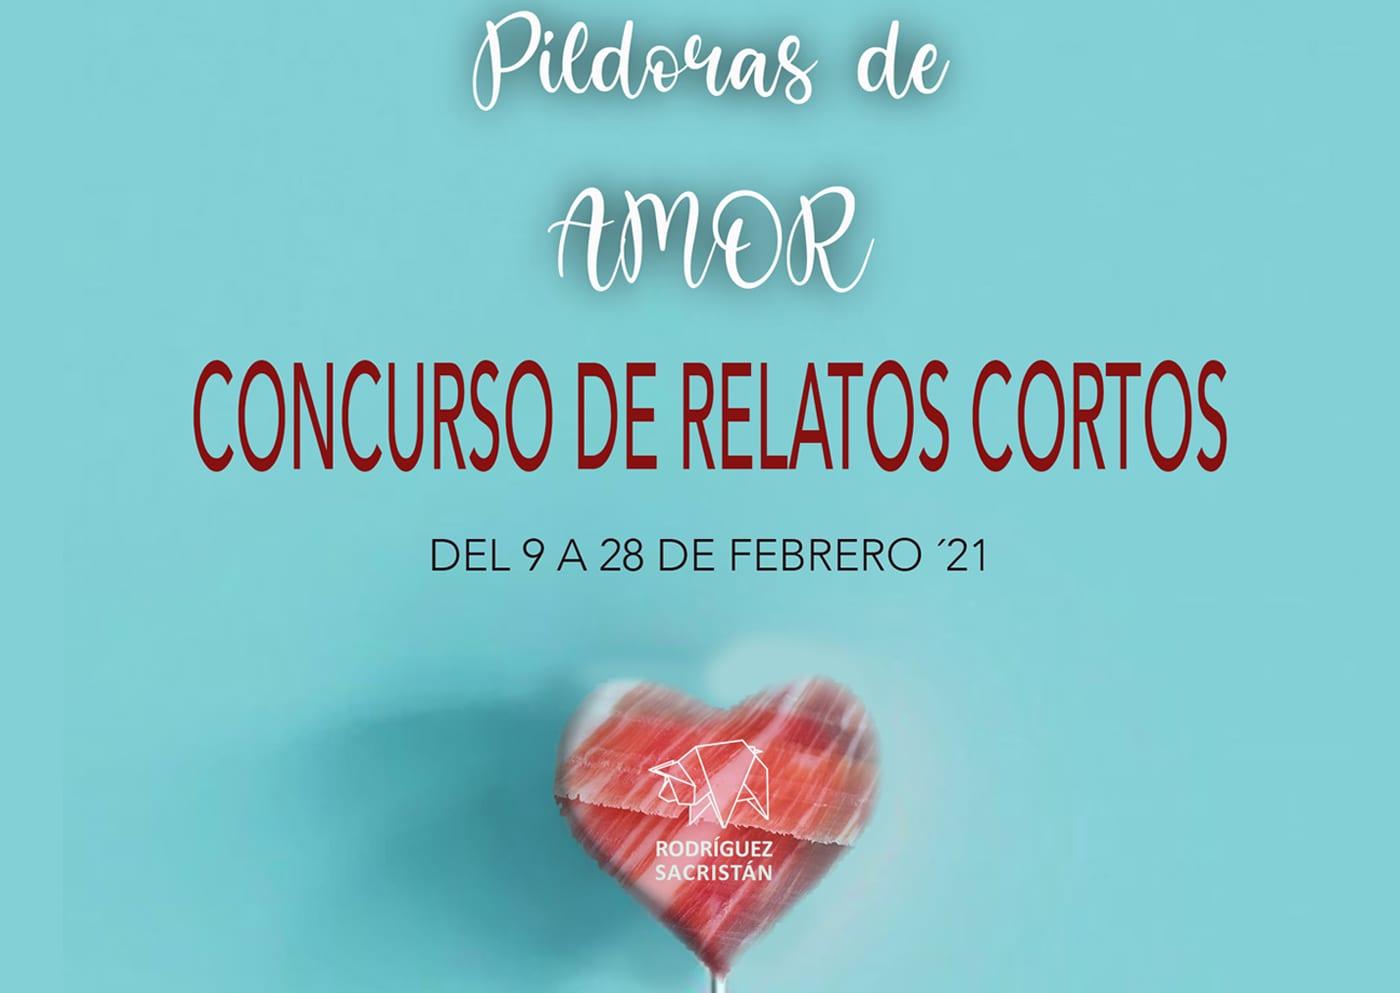 Rodríguez sacristán concurso poemas